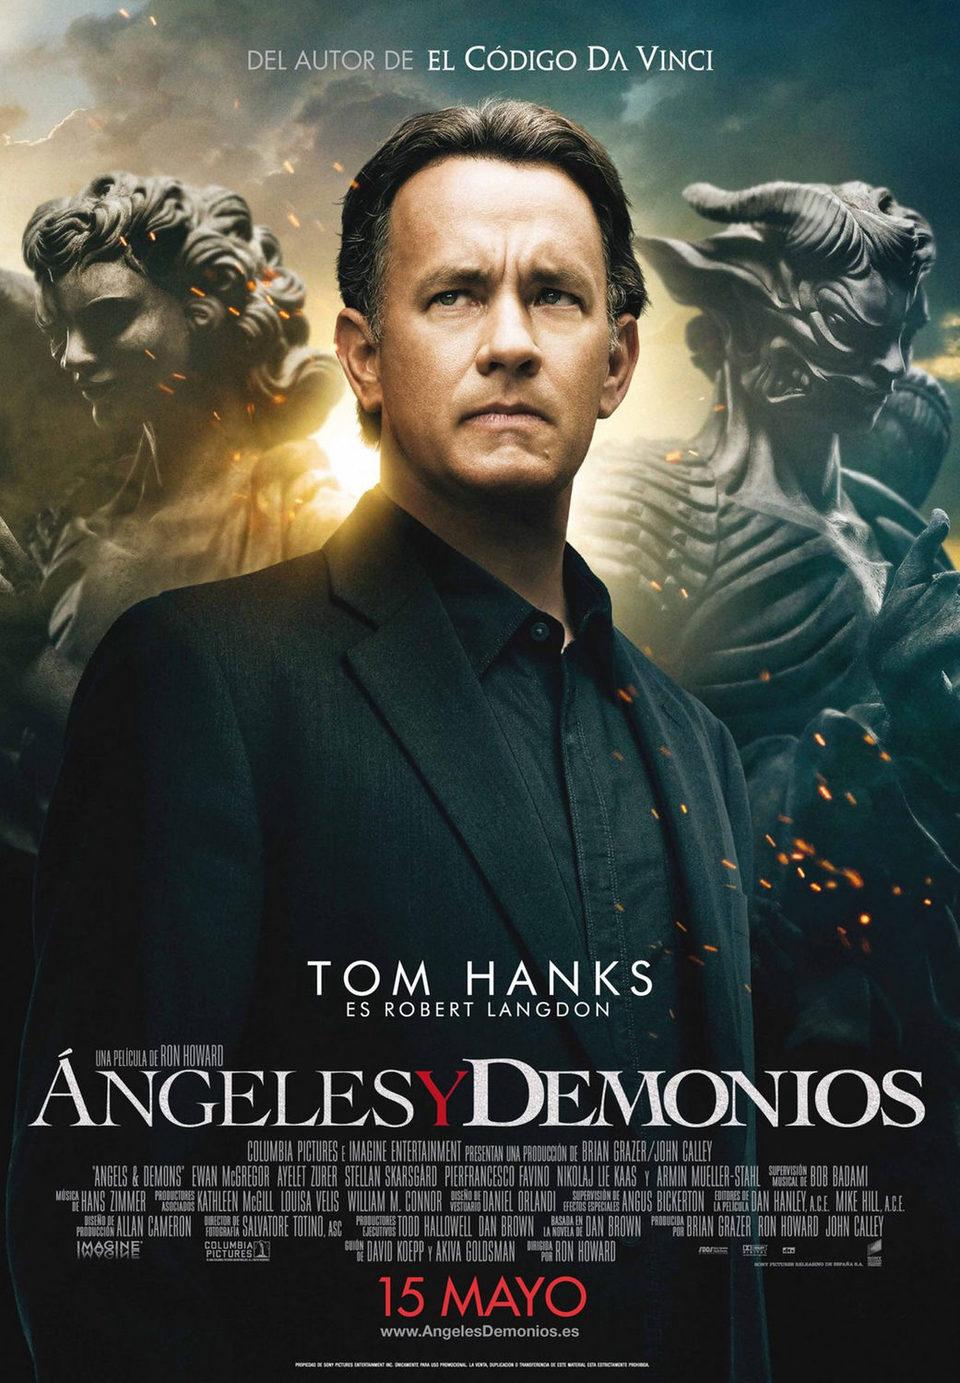 Cartel España de 'Ángeles y demonios'